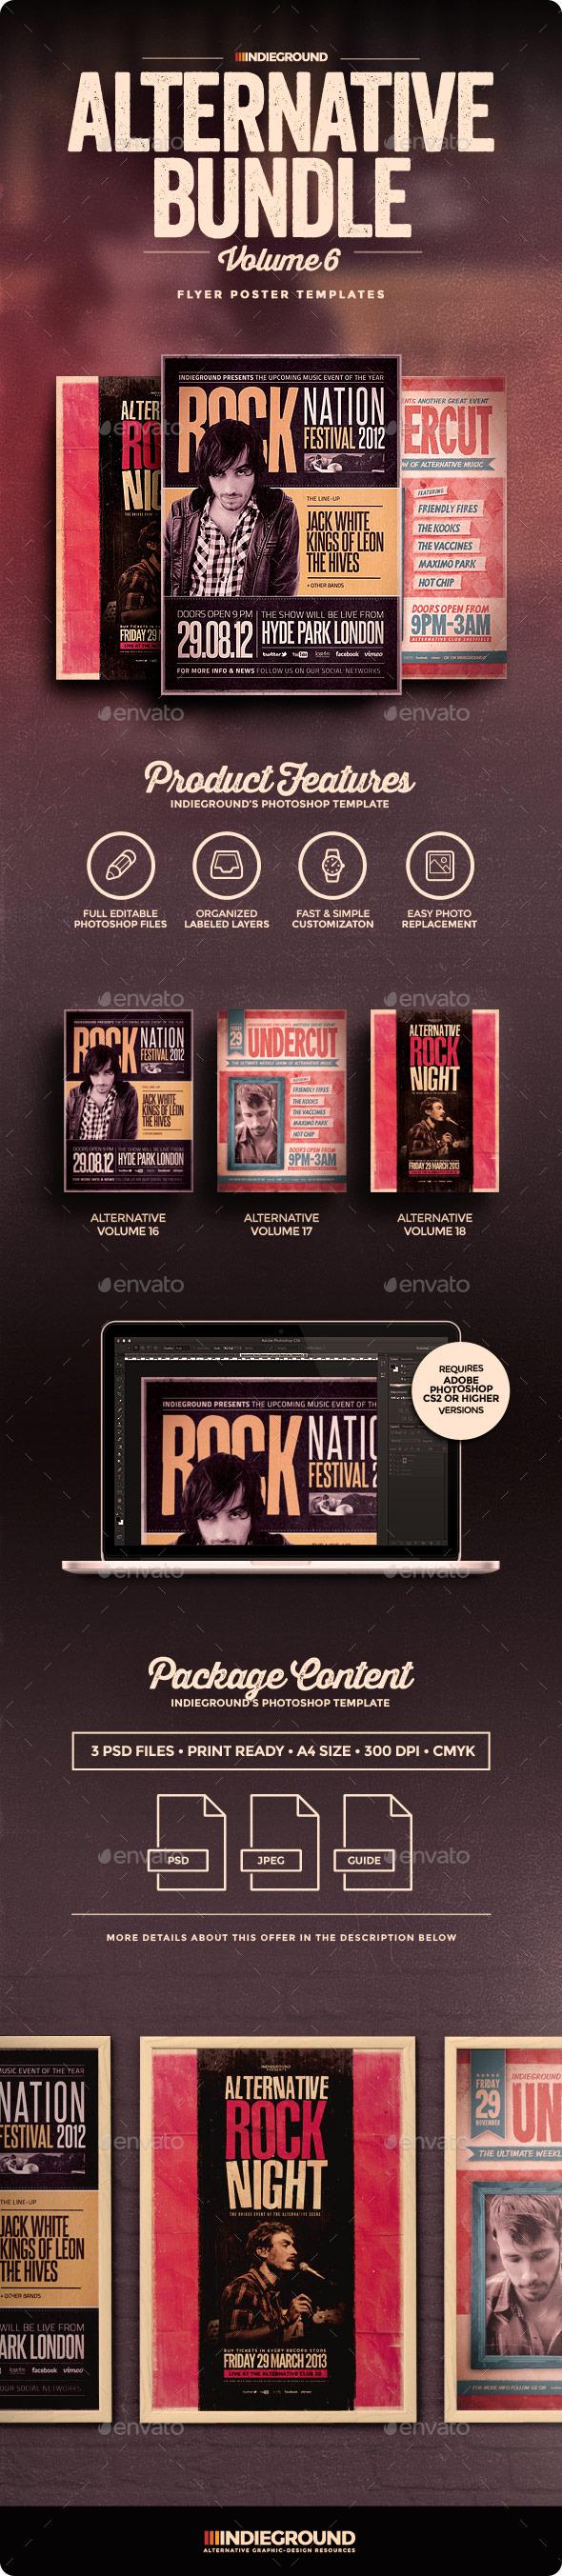 Alternative Flyer/Poster Bundle Vol. 16-18 - Concerts Events